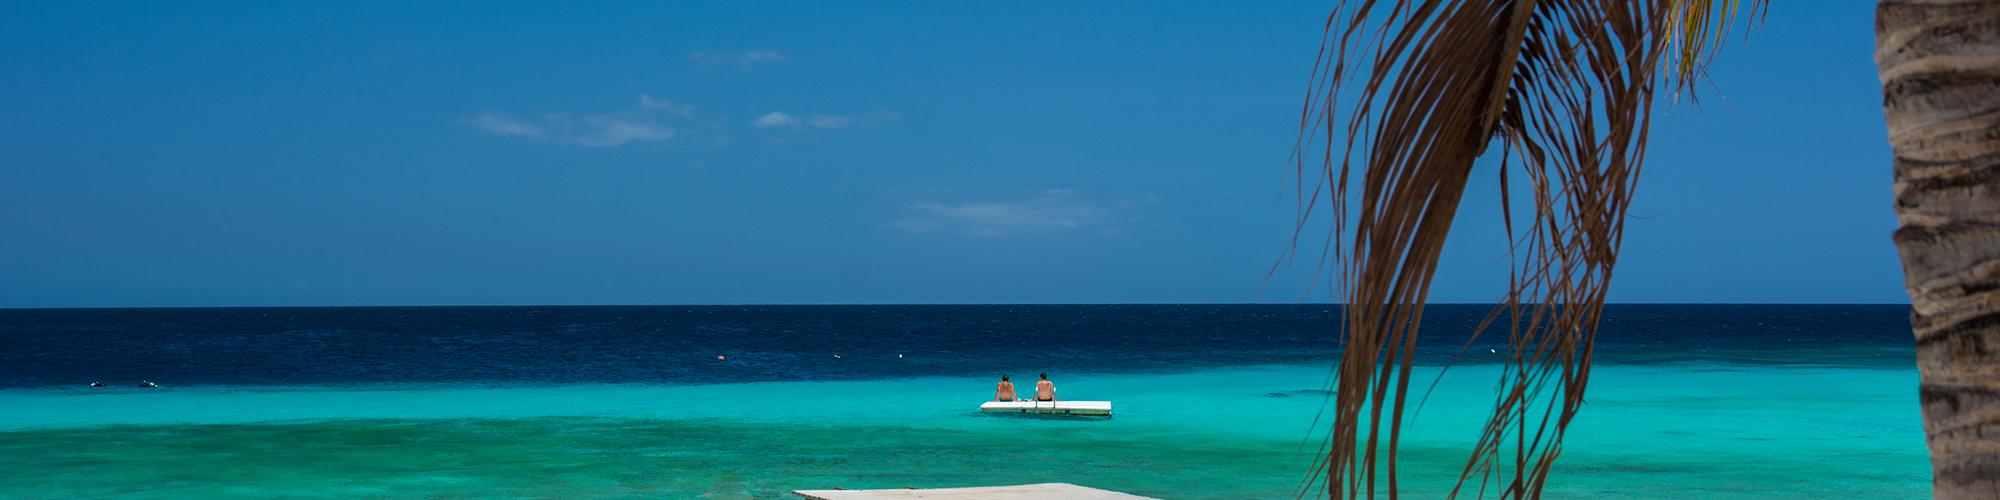 beach-caribbean-holiday-3438-copy